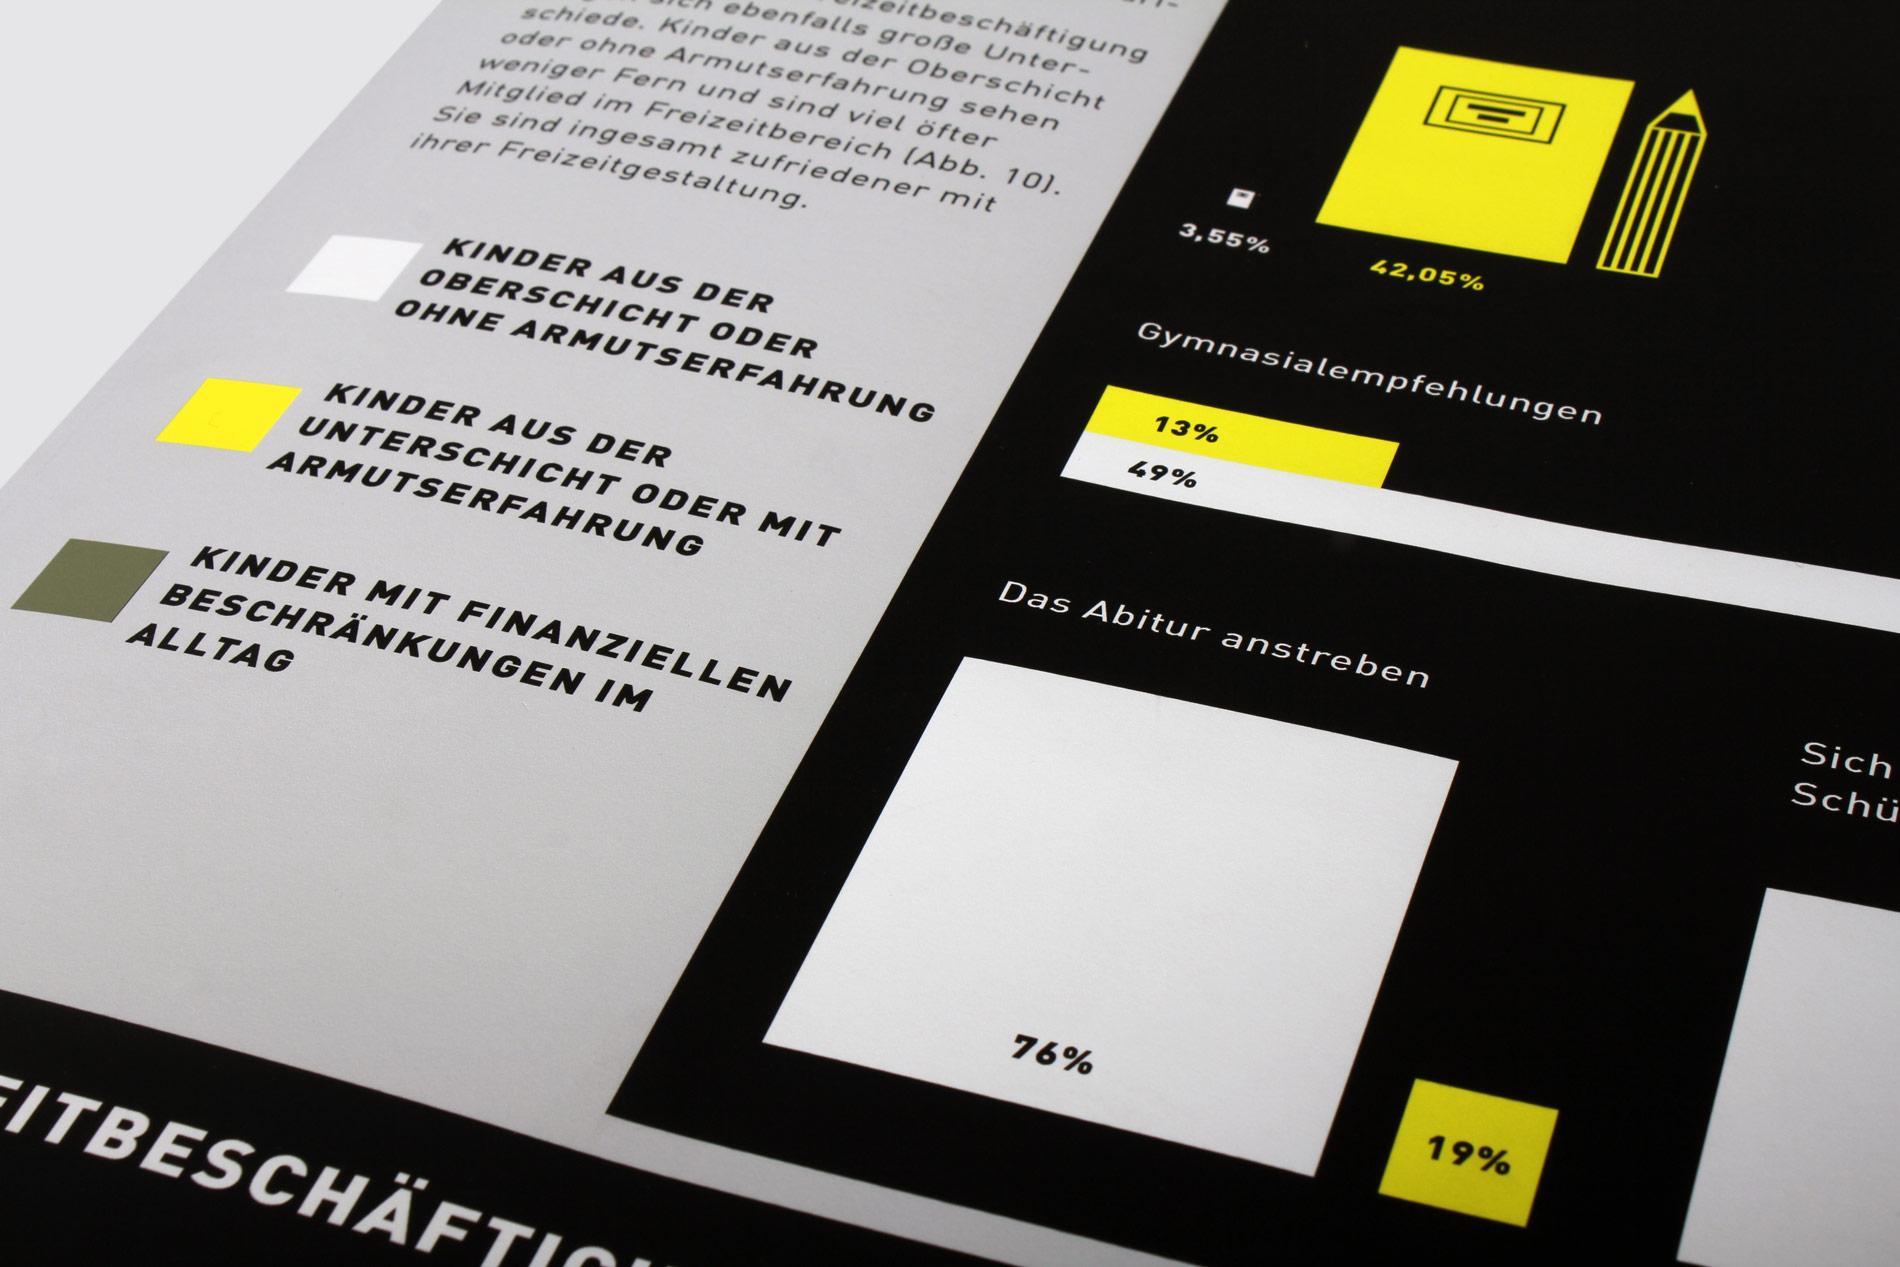 outofbalance-infodesign-06